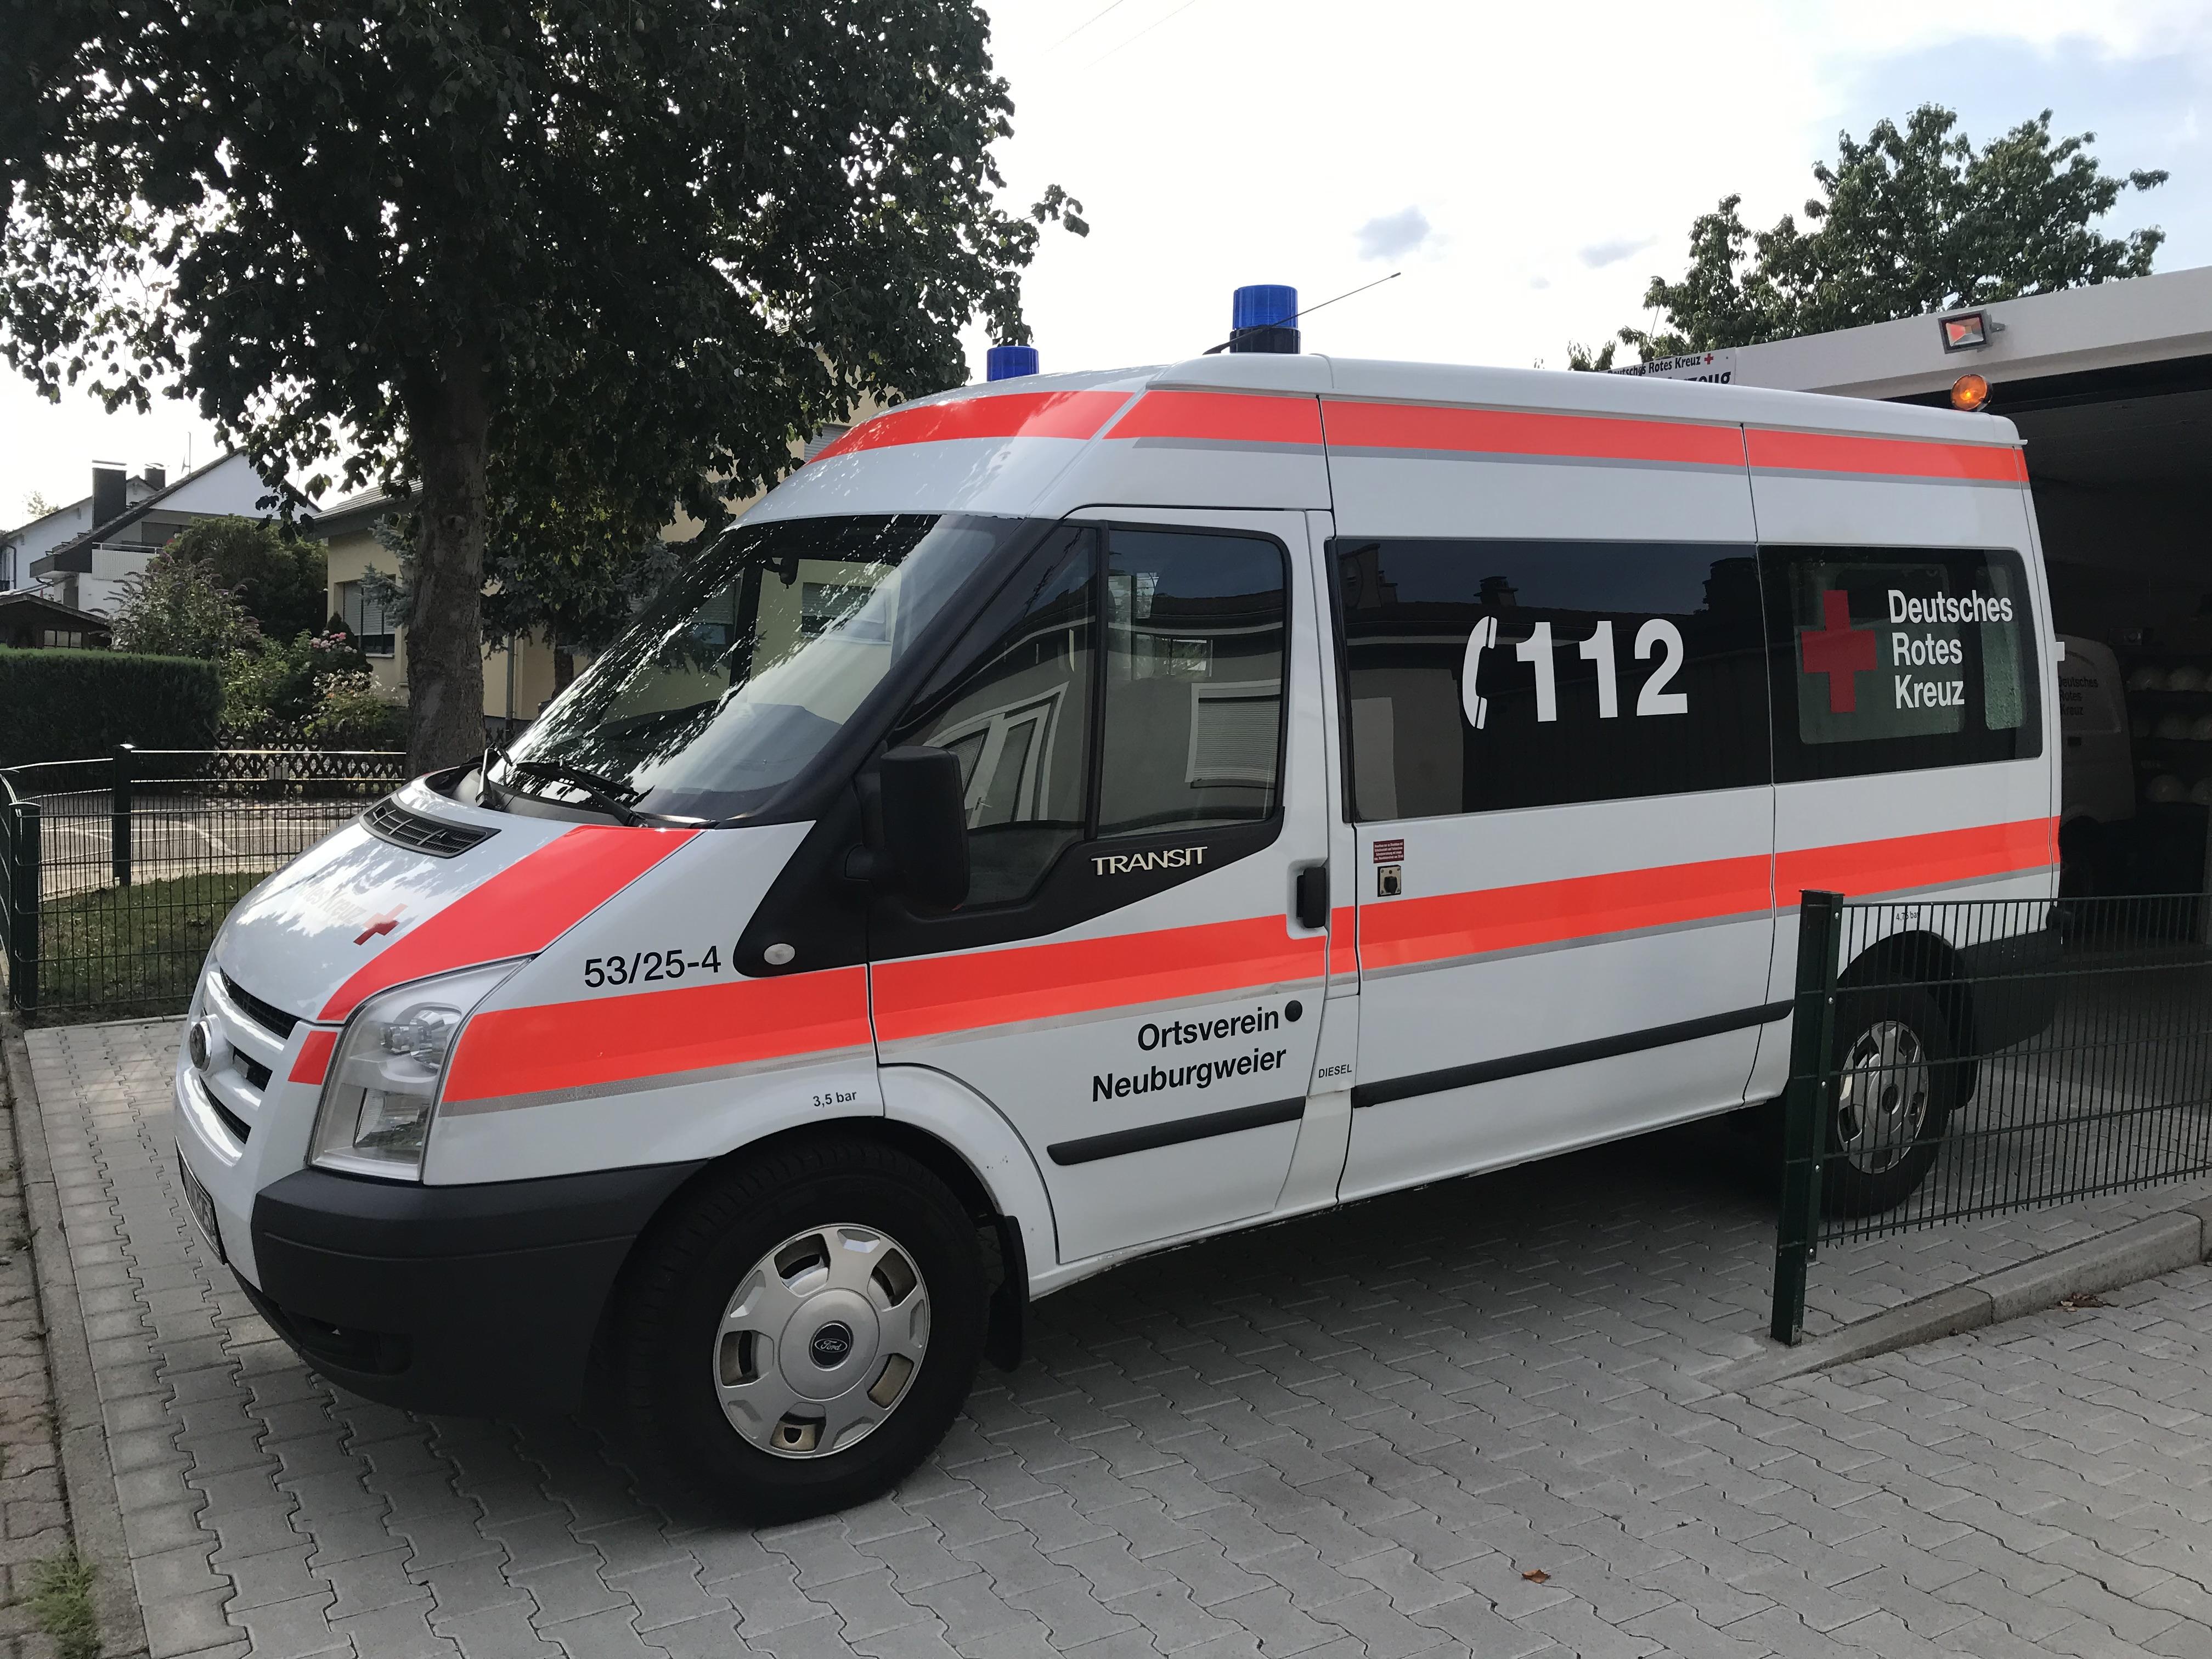 Deutsches Rotes Kreuz, DRK, Neuburgweier, Einsatzfahrzeug, neu, Rettungsfahrzeug, Förderung, Spende, Engagement, Rheinstetten